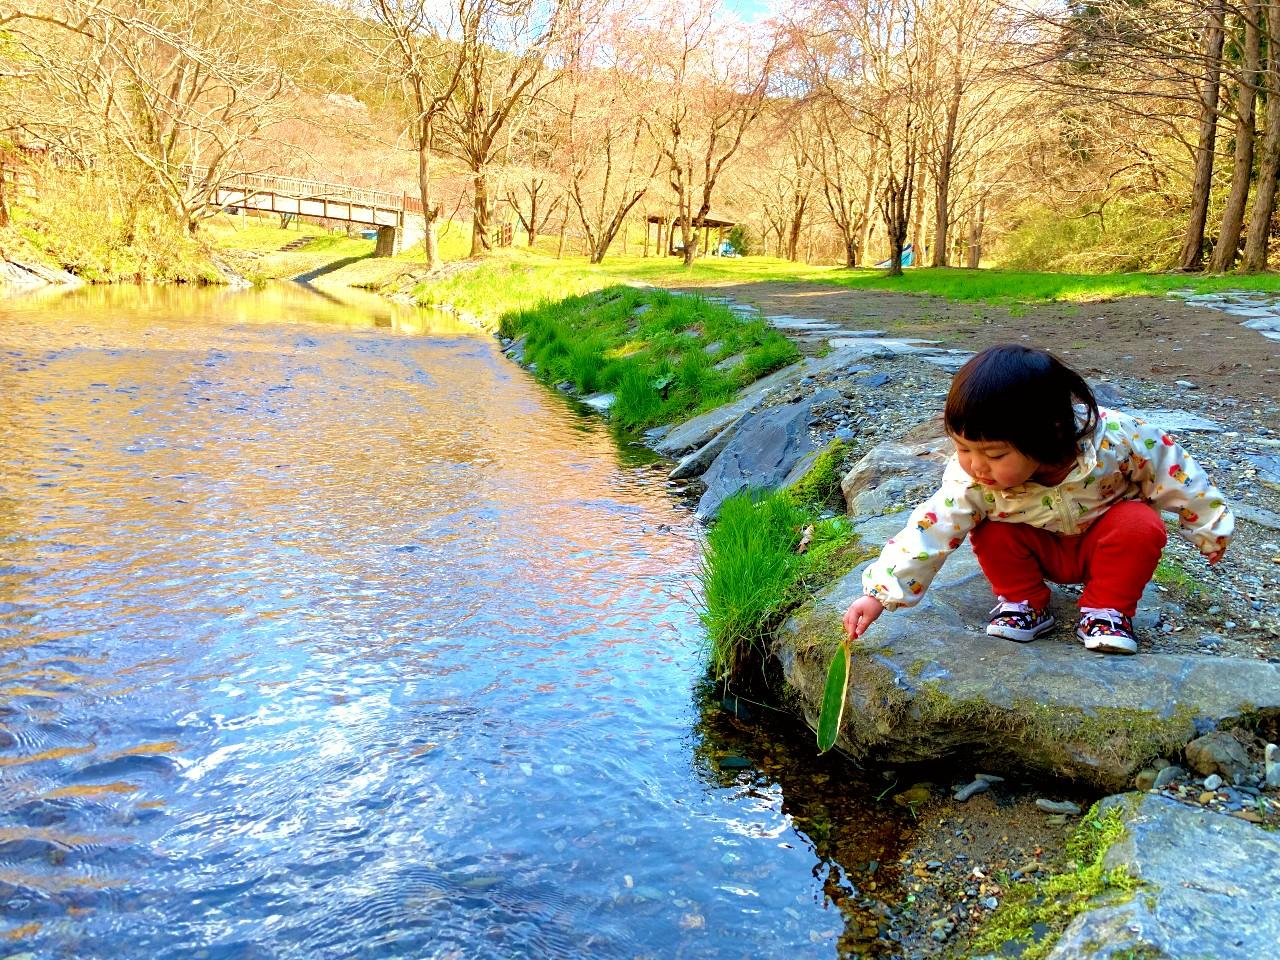 幼児と行ける公園◆南三陸近辺で自然の中で遊ぼう!